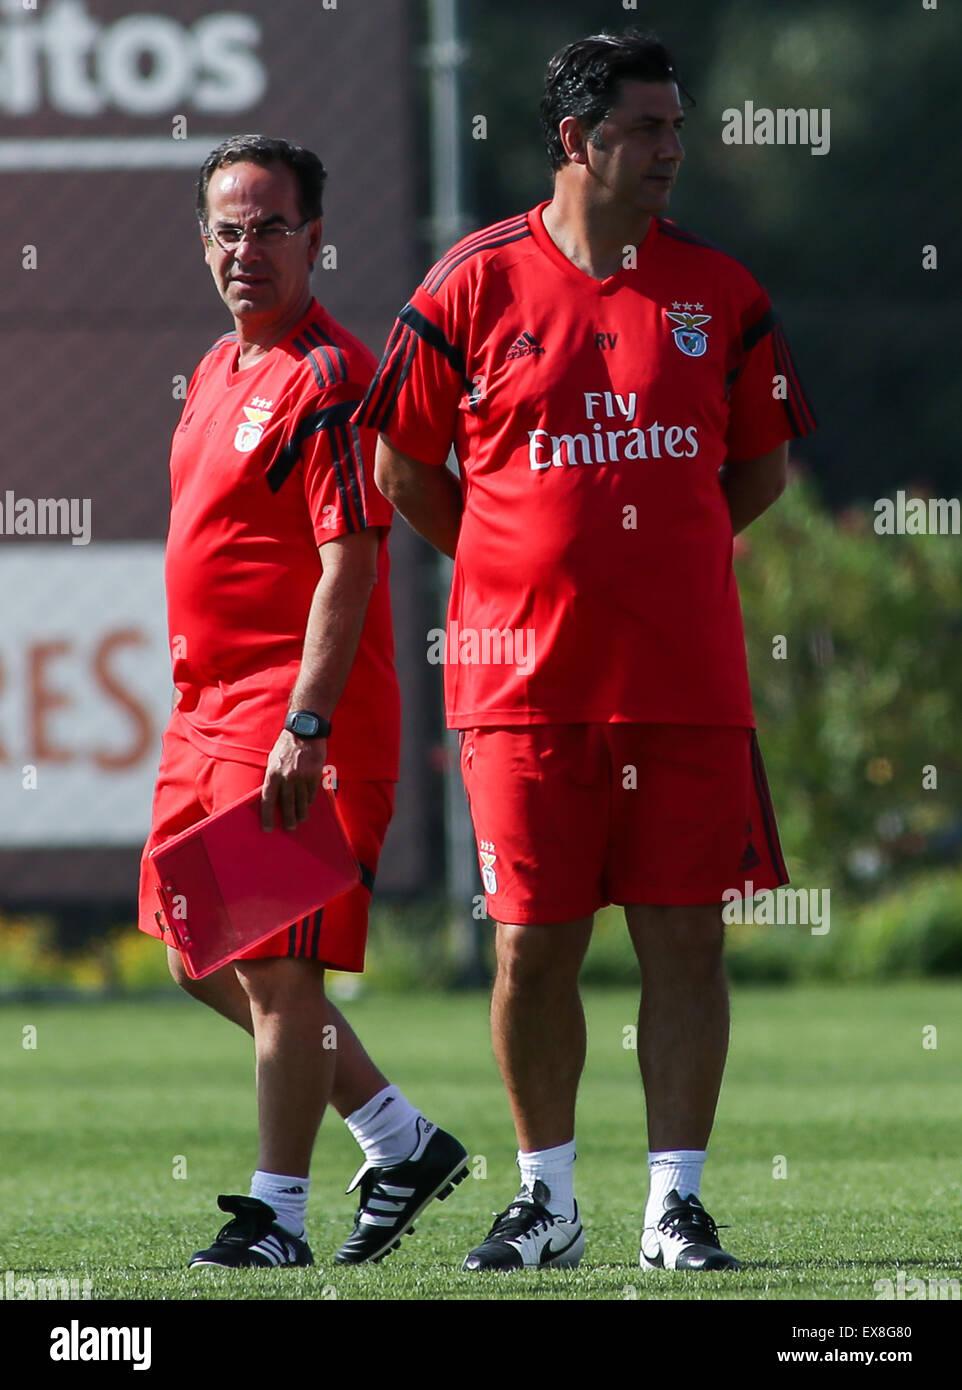 Maillot SL Benfica Taarabt